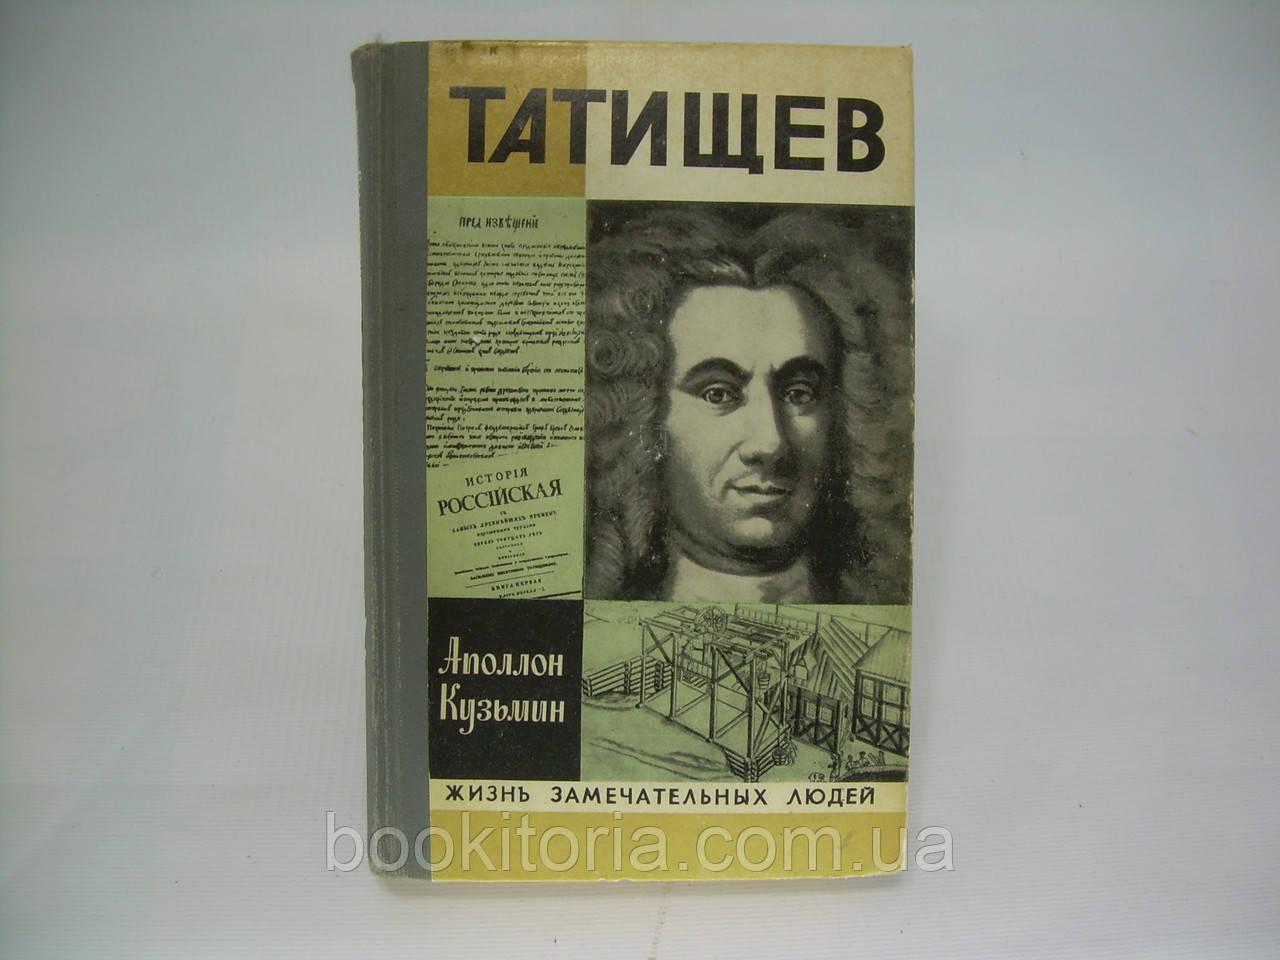 Кузьмин А. Татищев (б/у).